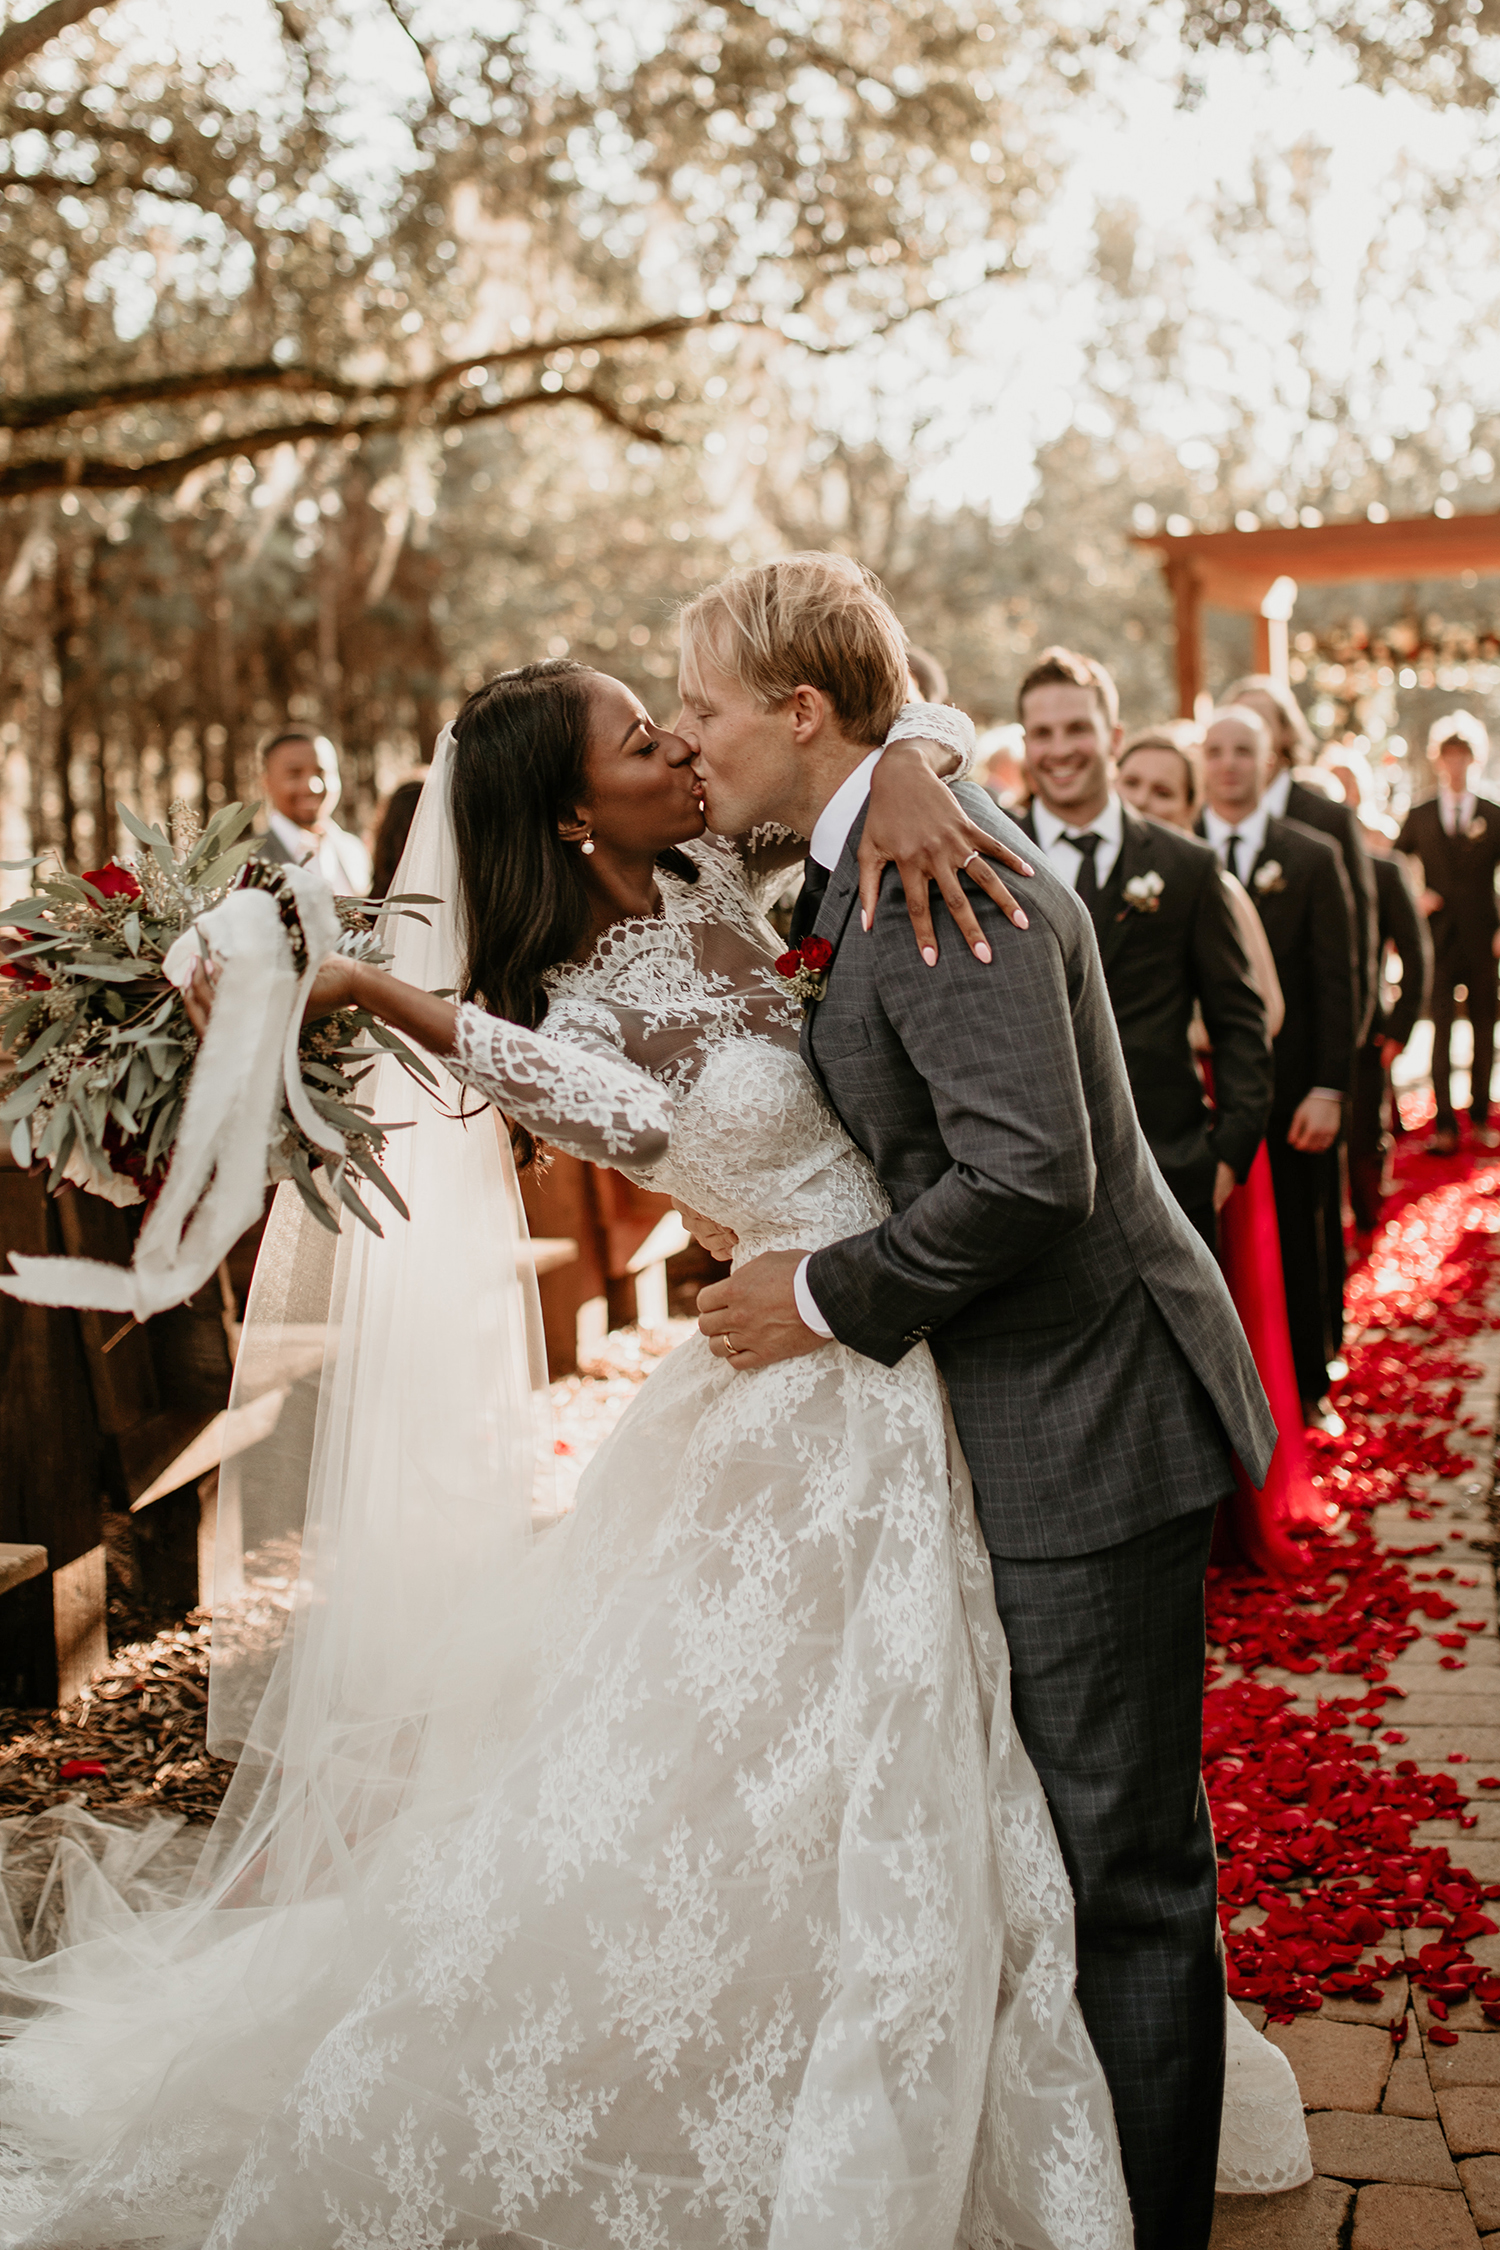 aerielle dyan wedding kiss